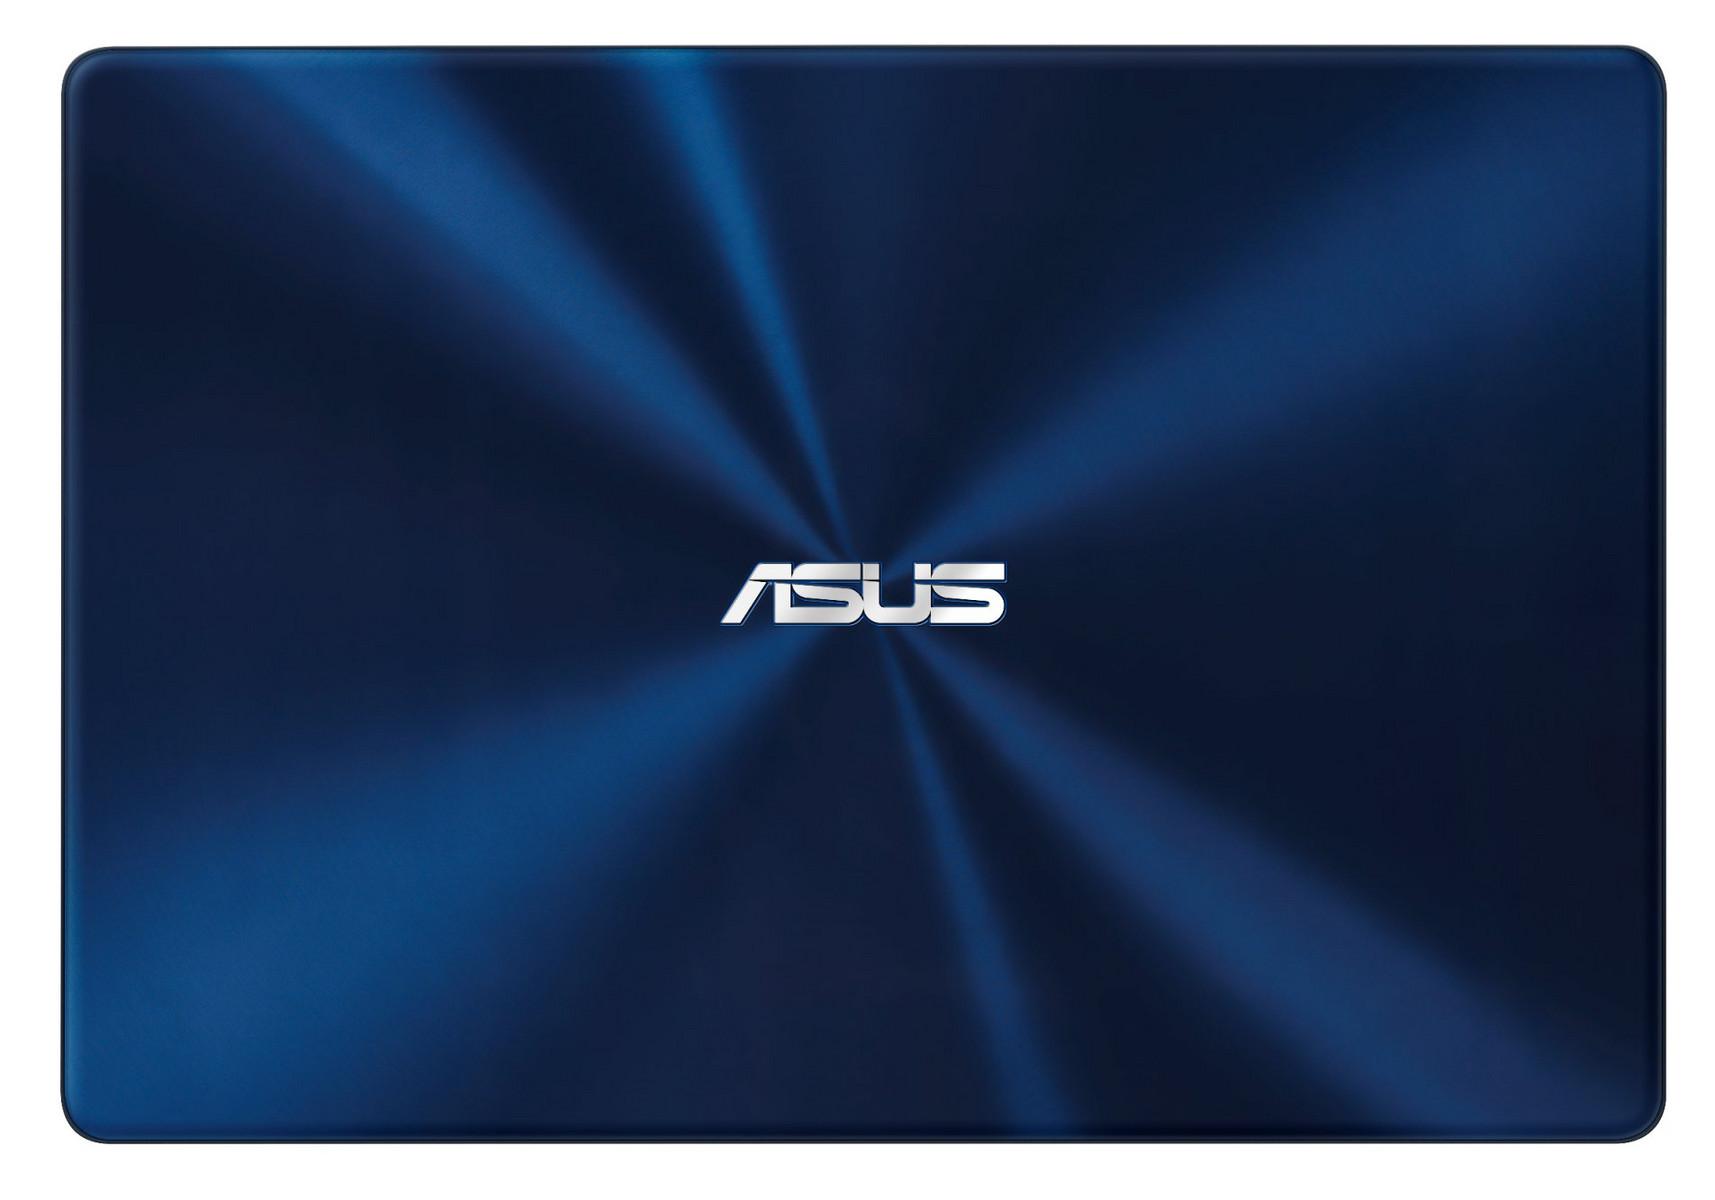 Asus Zenbook 13 and Zenbook 3 Deluxe 600 02